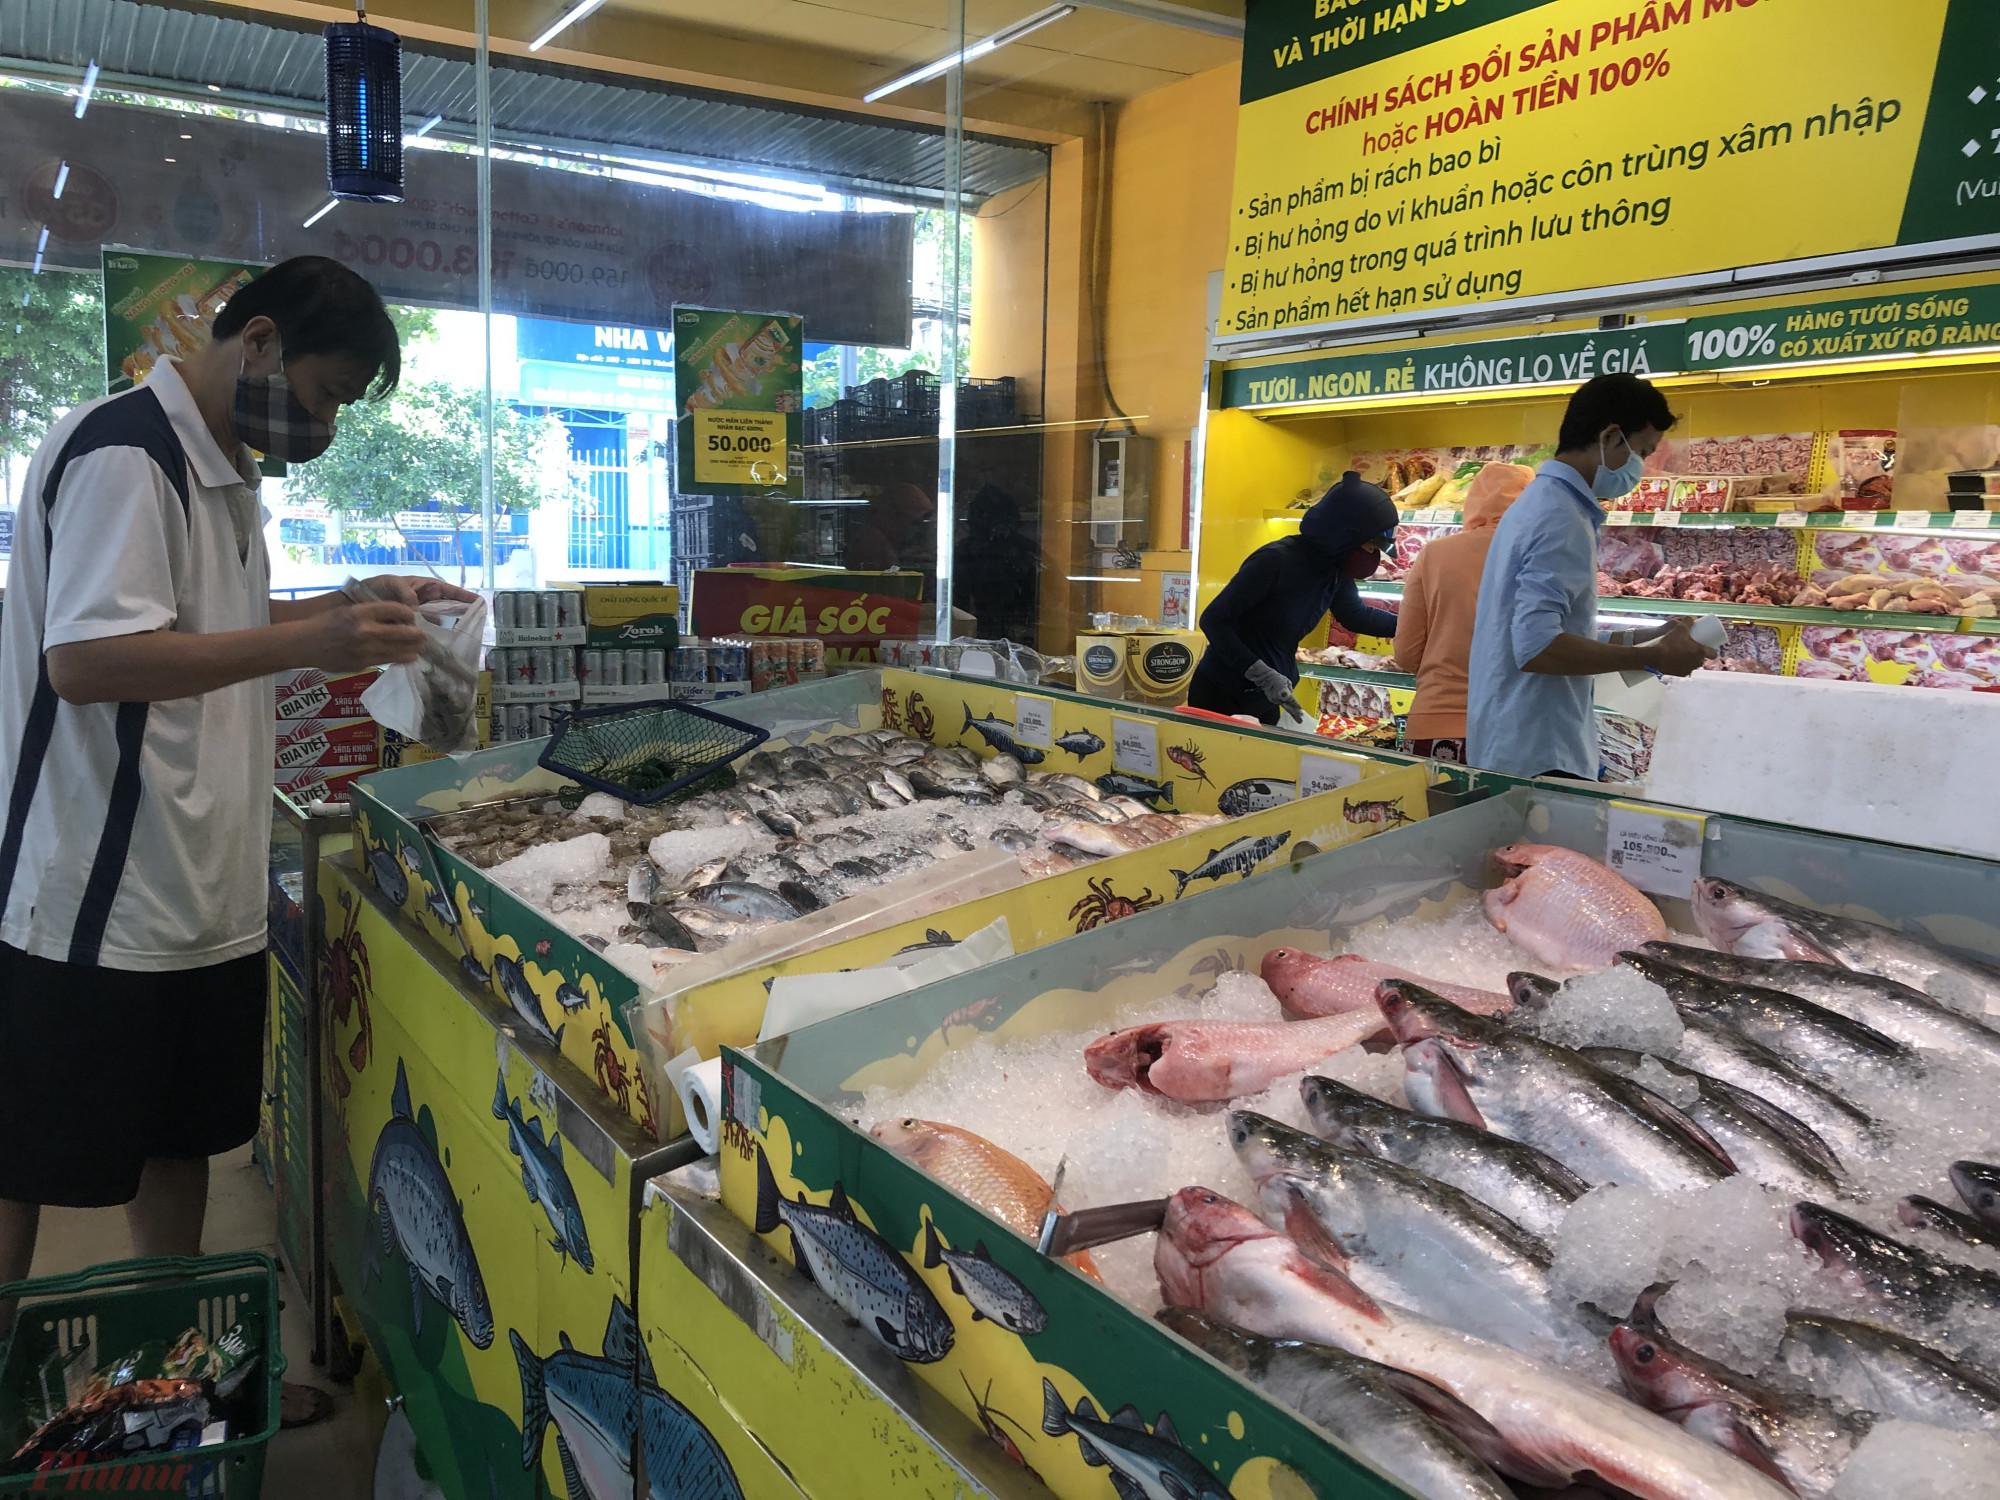 Thuỷ hải sản cũng nhiều với đầy đủ loại cá tôm, cá đông lạnh lẫn cá sống